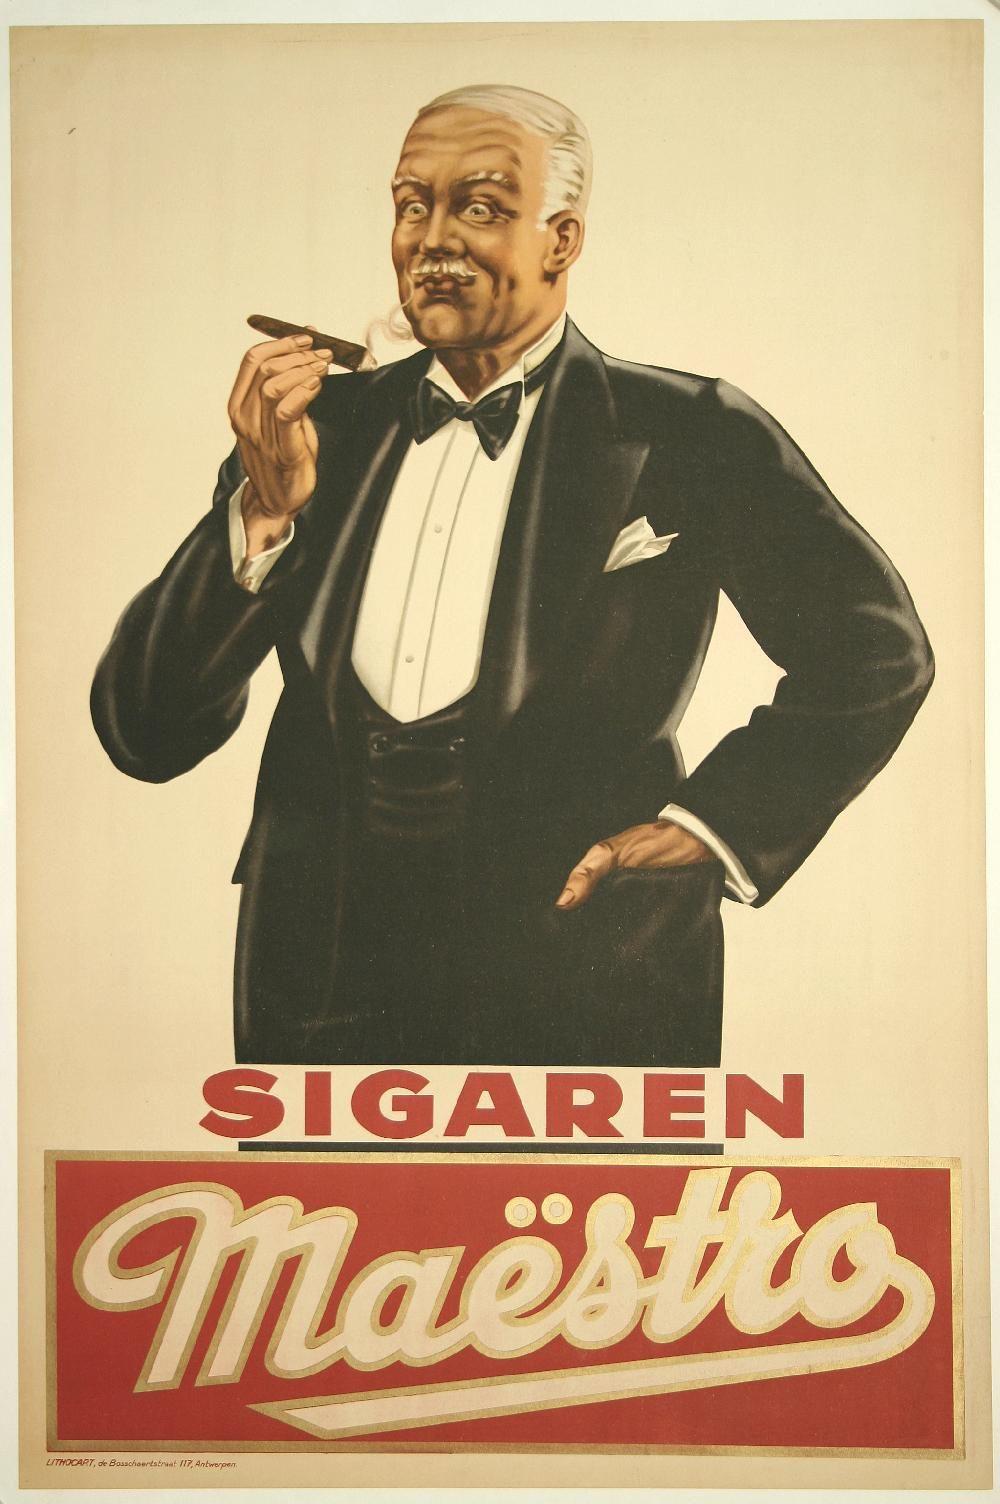 Vintage Advertising Posters Cigars Cigars Vintage